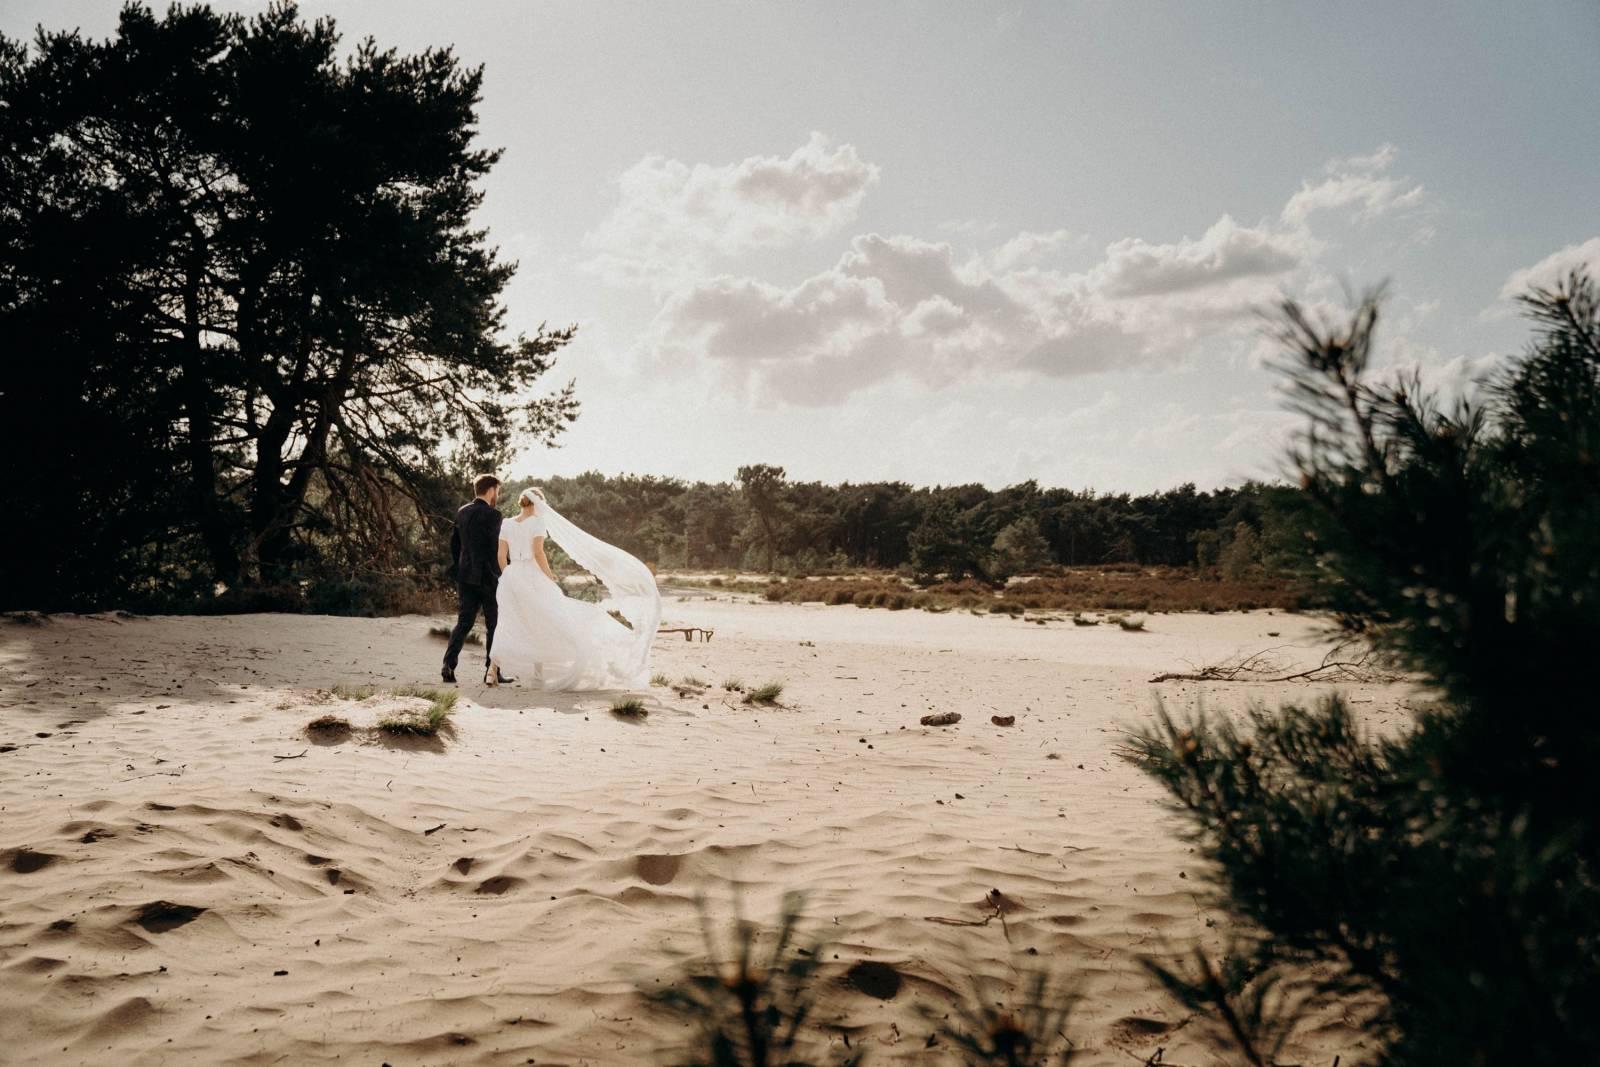 Frankie and Fish - Trouwfotograaf - Huwelijksfotograaf - Bruidsfotograaf - House of Weddings - 5